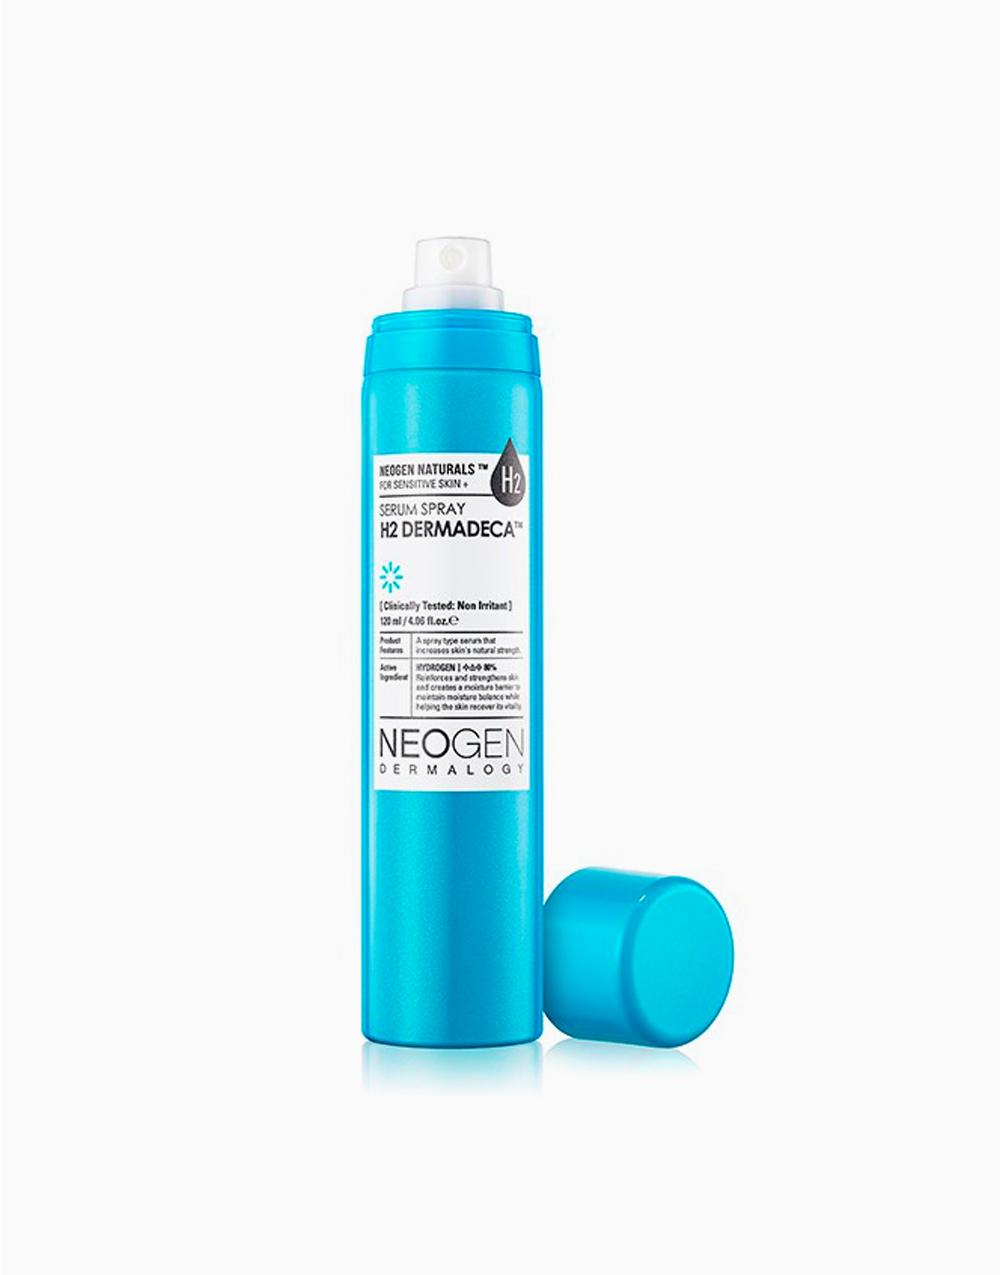 H2 Dermadeca Serum Spray by Neogen